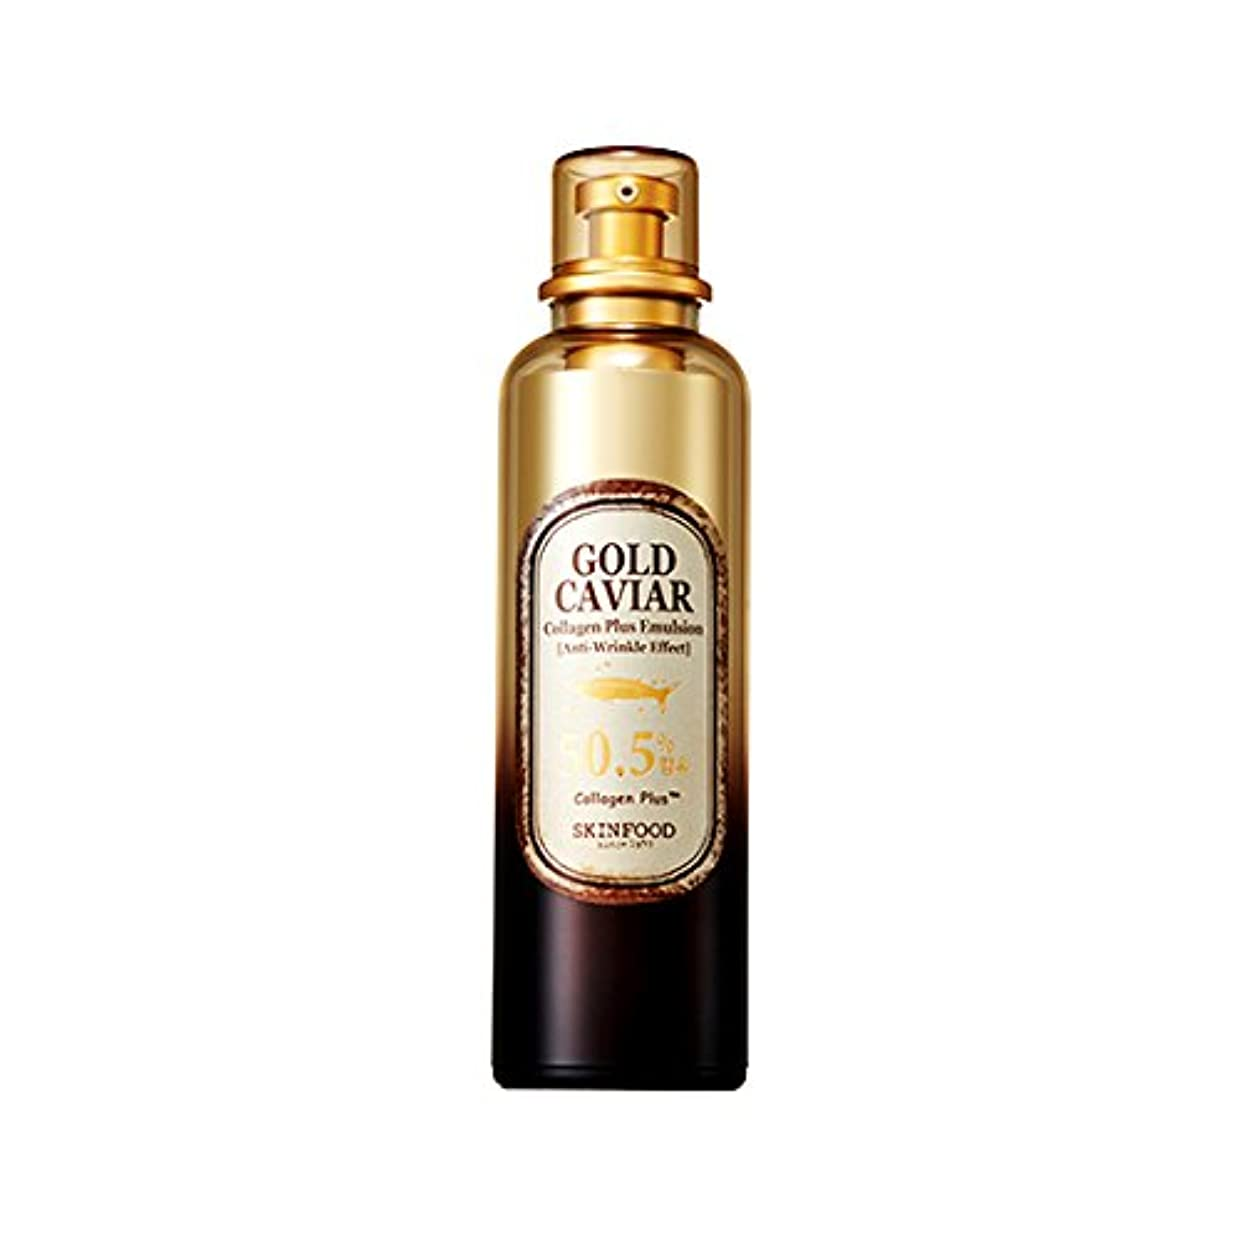 分析ジャンプする困惑するSkinfood ゴールドキャビアコラーゲンプラスエマルジョン/Gold Caviar Collagen Plus Emulsion 120ml [並行輸入品]